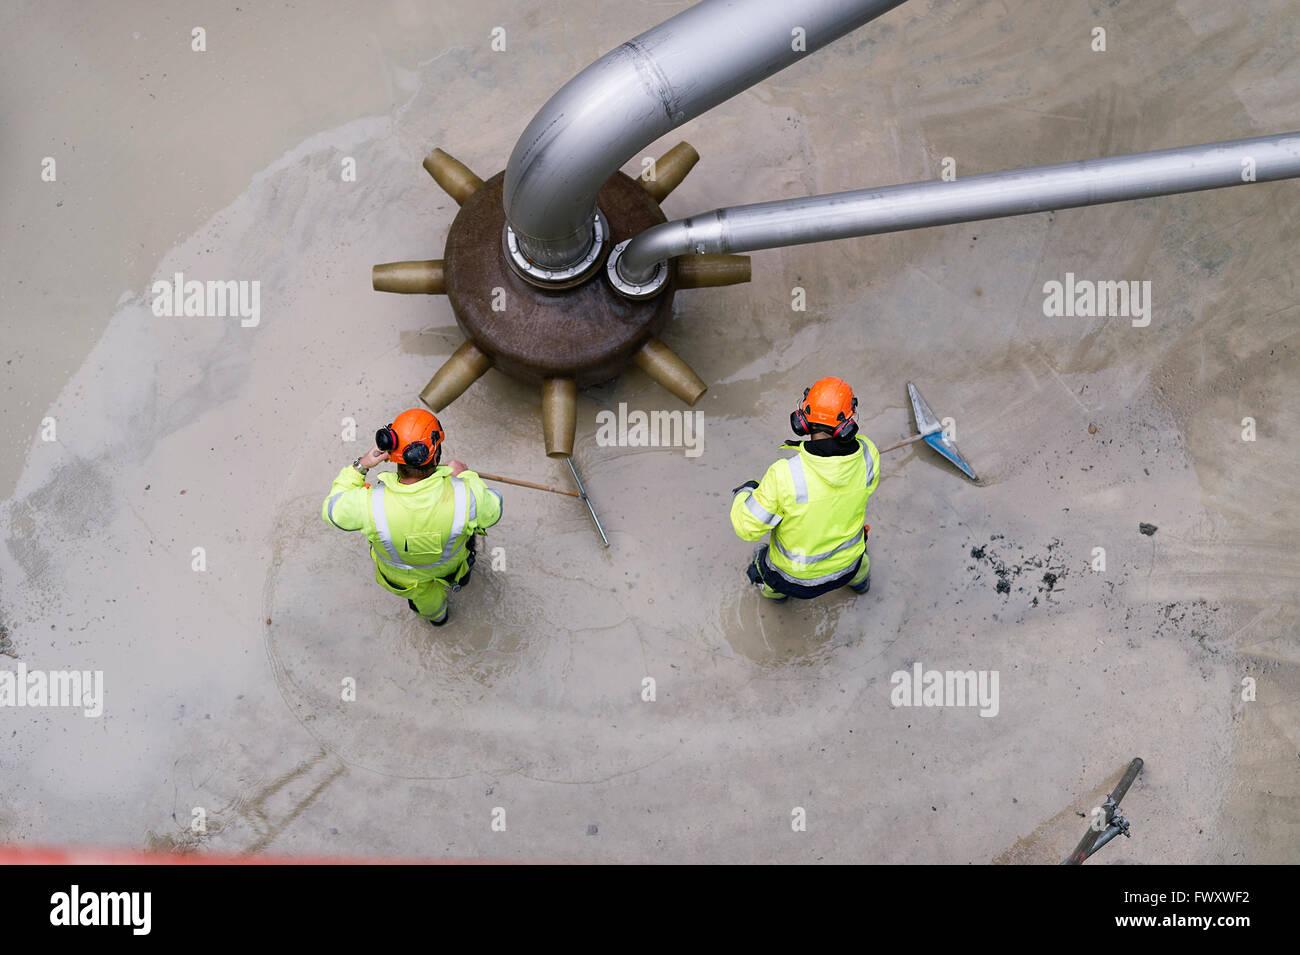 La Suède, Vastmanland, deux hommes travaillant à l'usine de traitement de l'eau Photo Stock